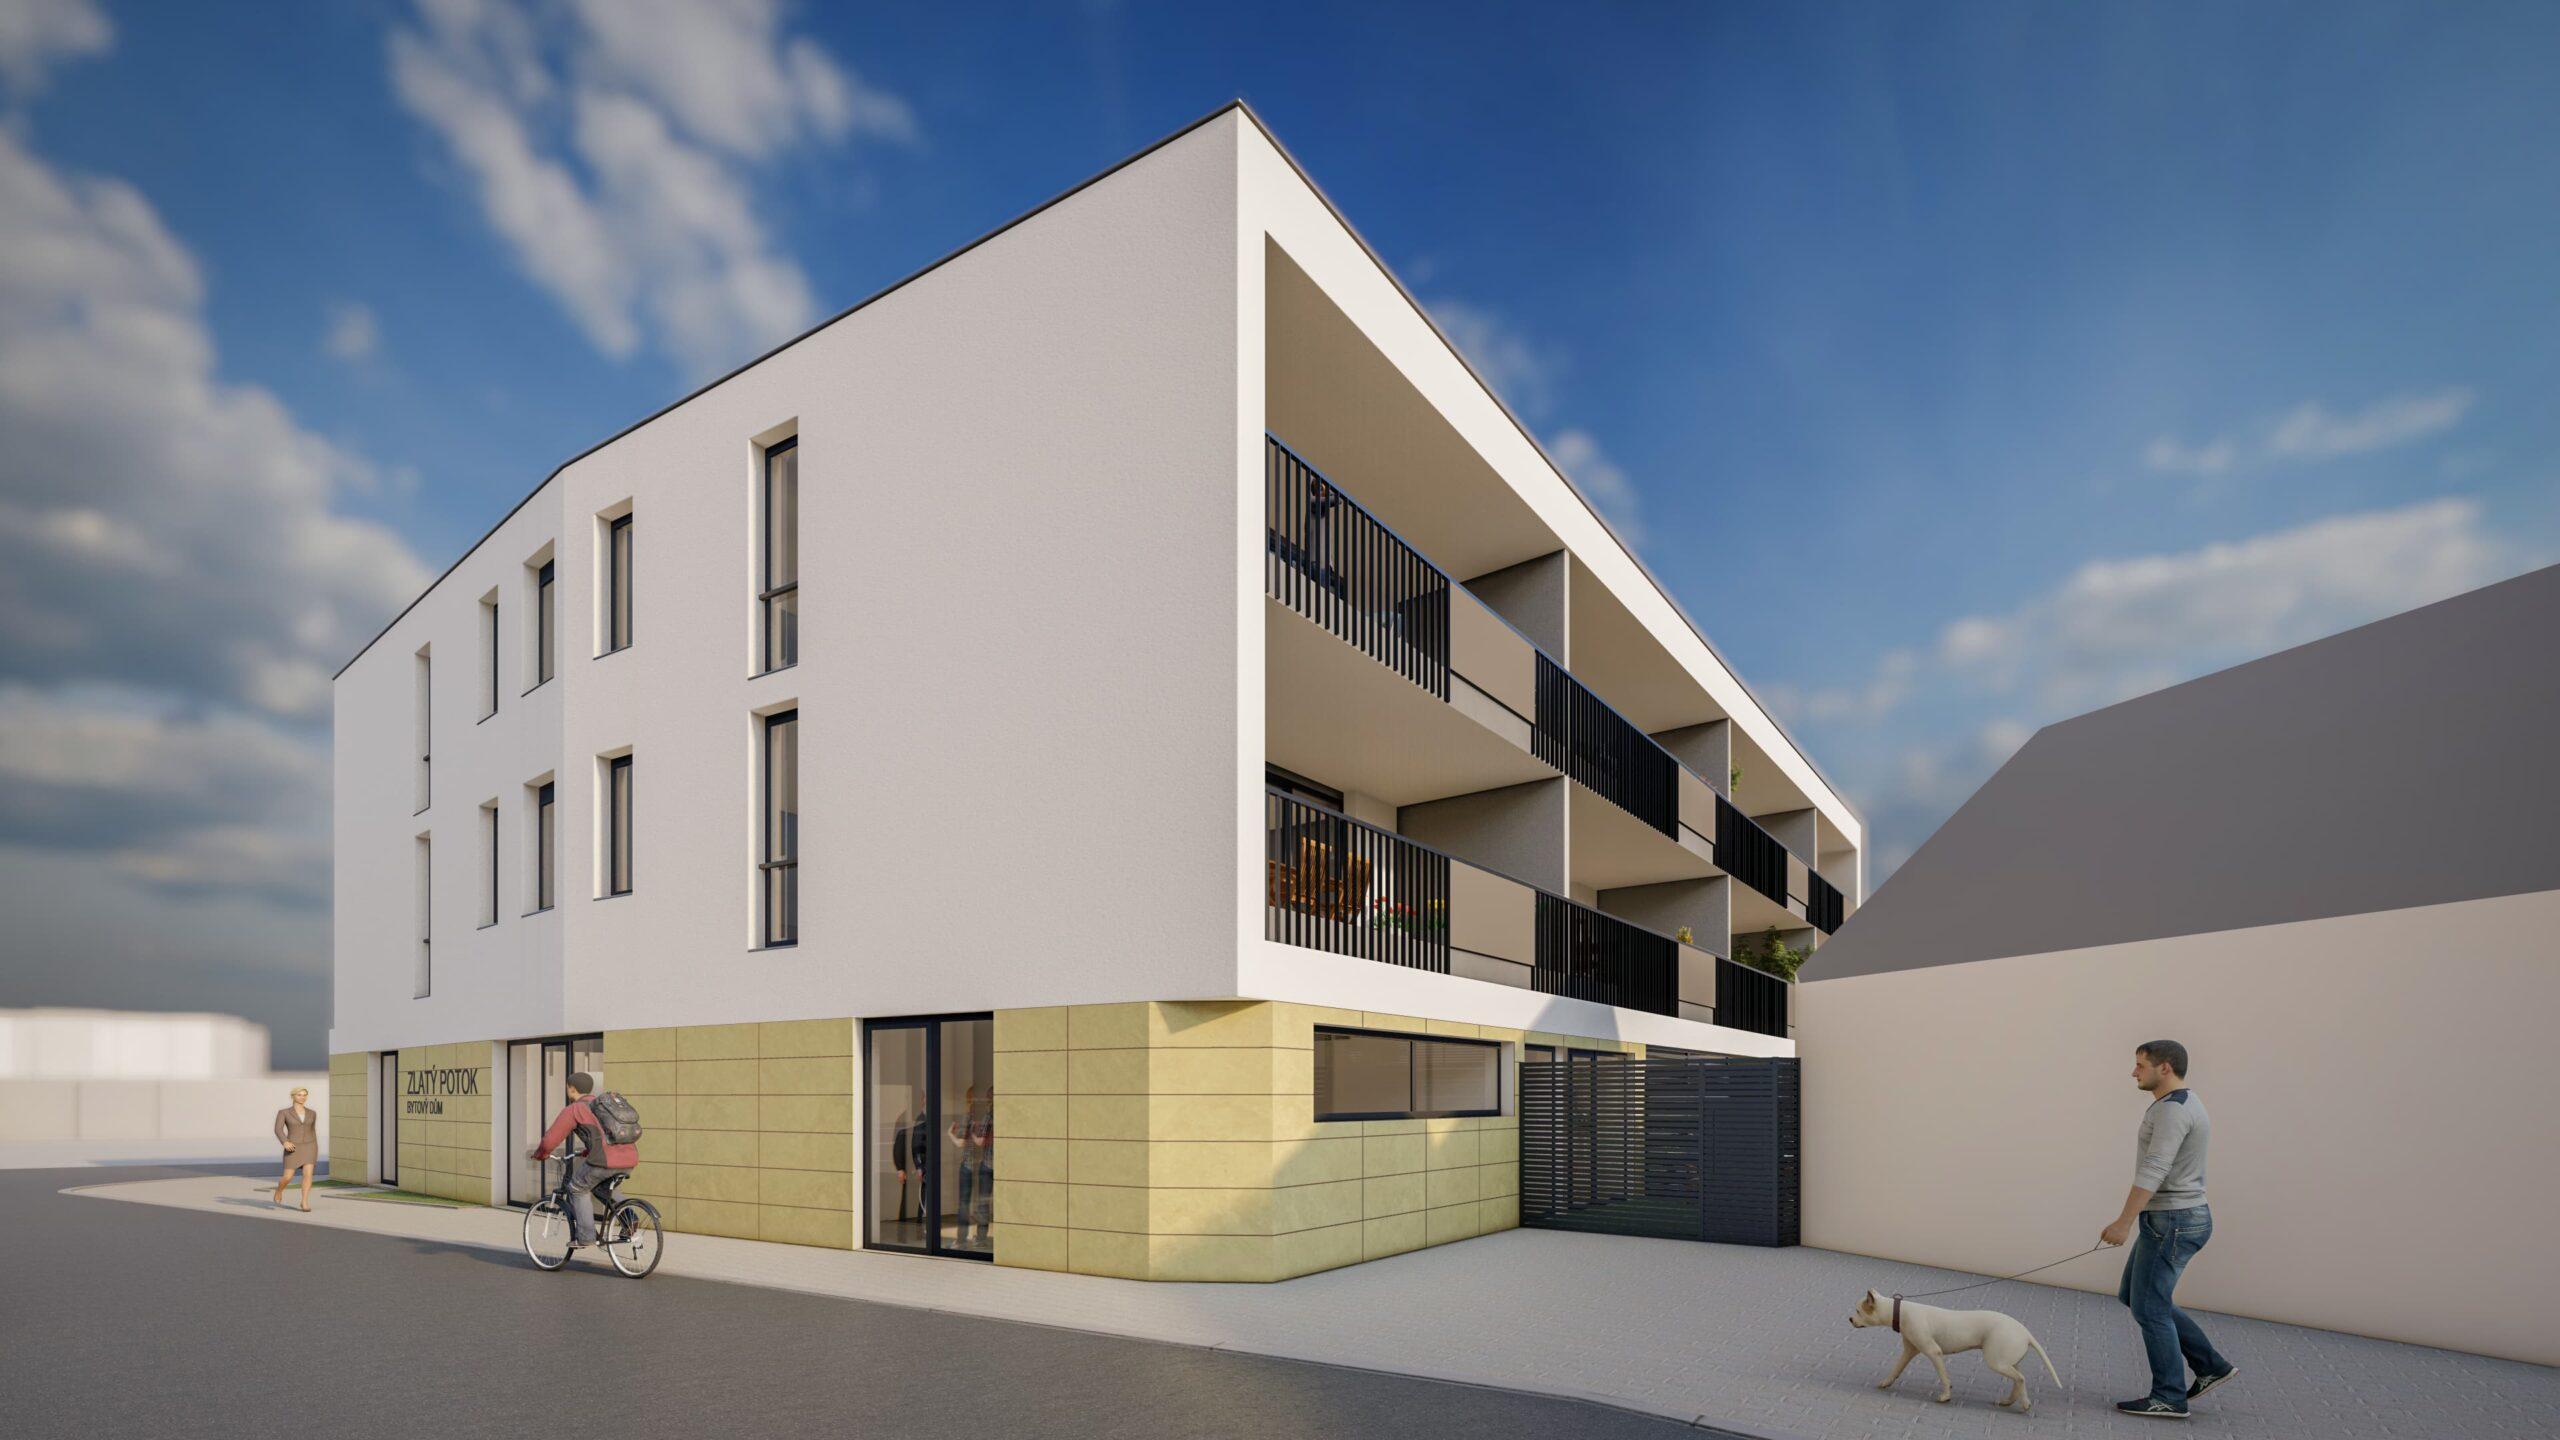 Bytový dům Zlatý potok Šlapanice Brno 4 27.4.2021 3 scaled